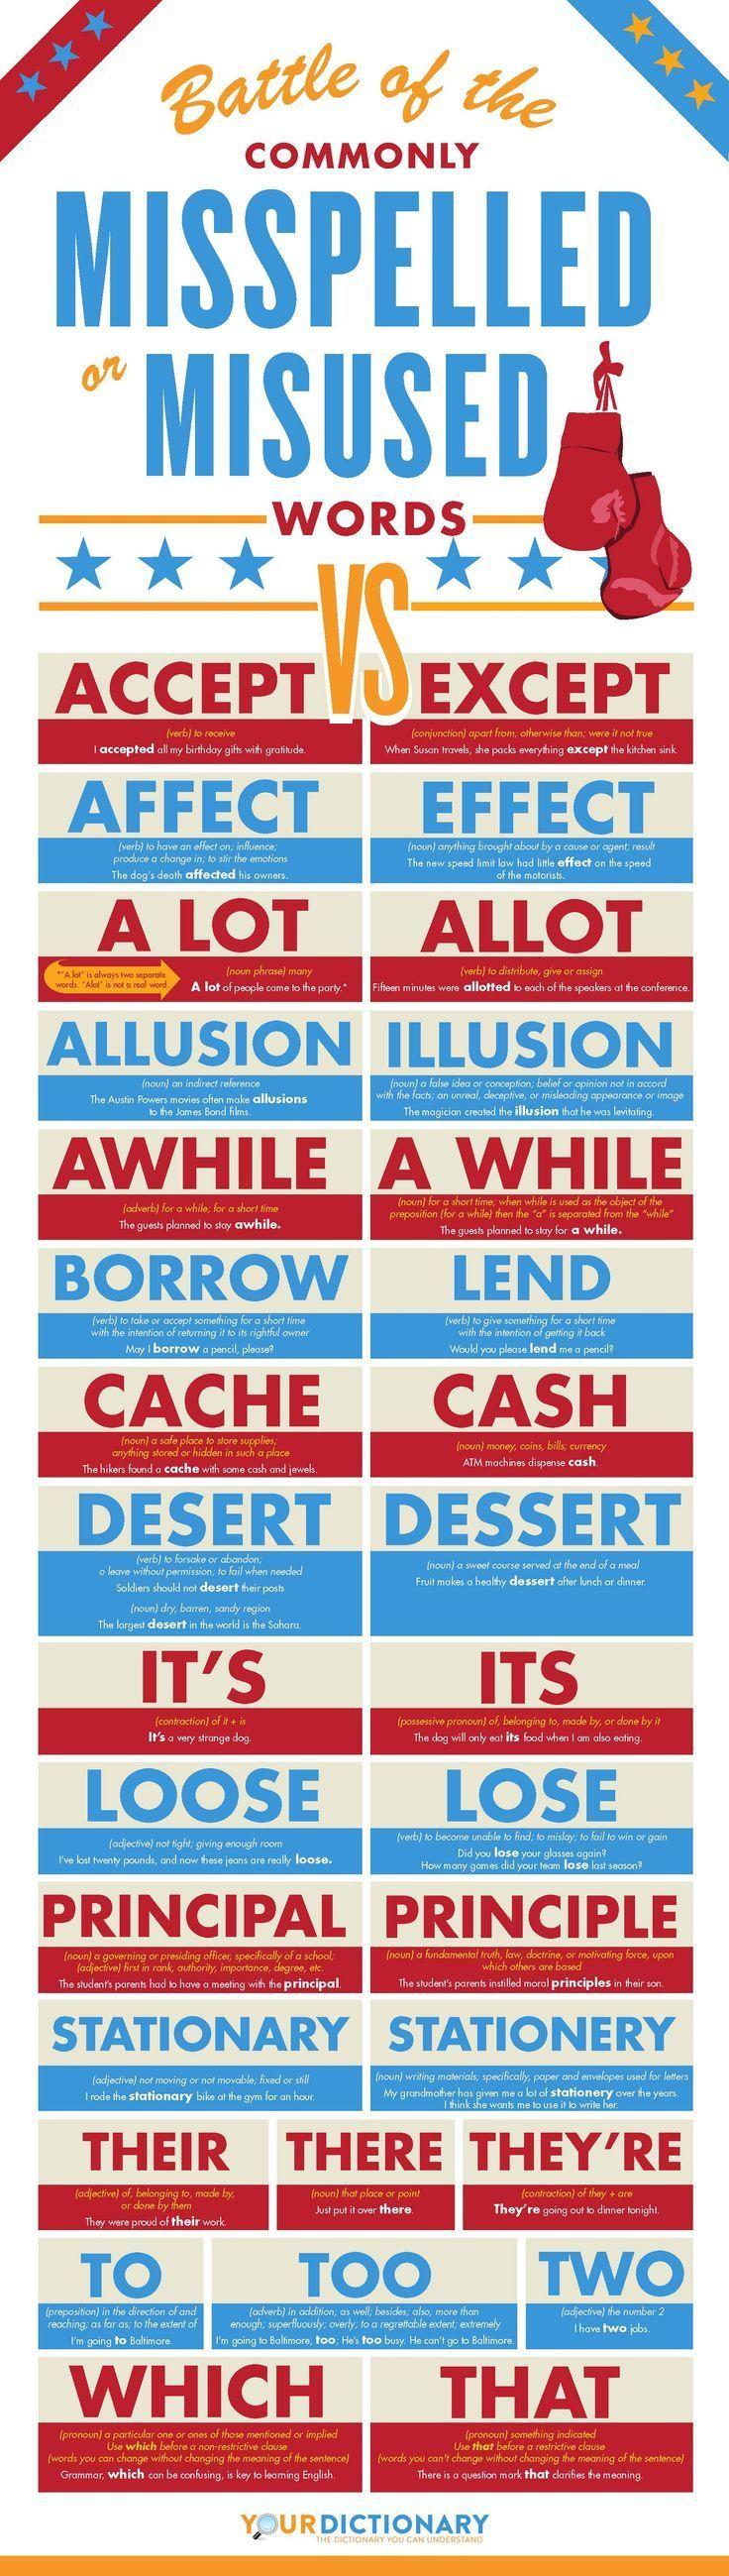 94 best Grammar images on Pinterest | English grammar, English ...